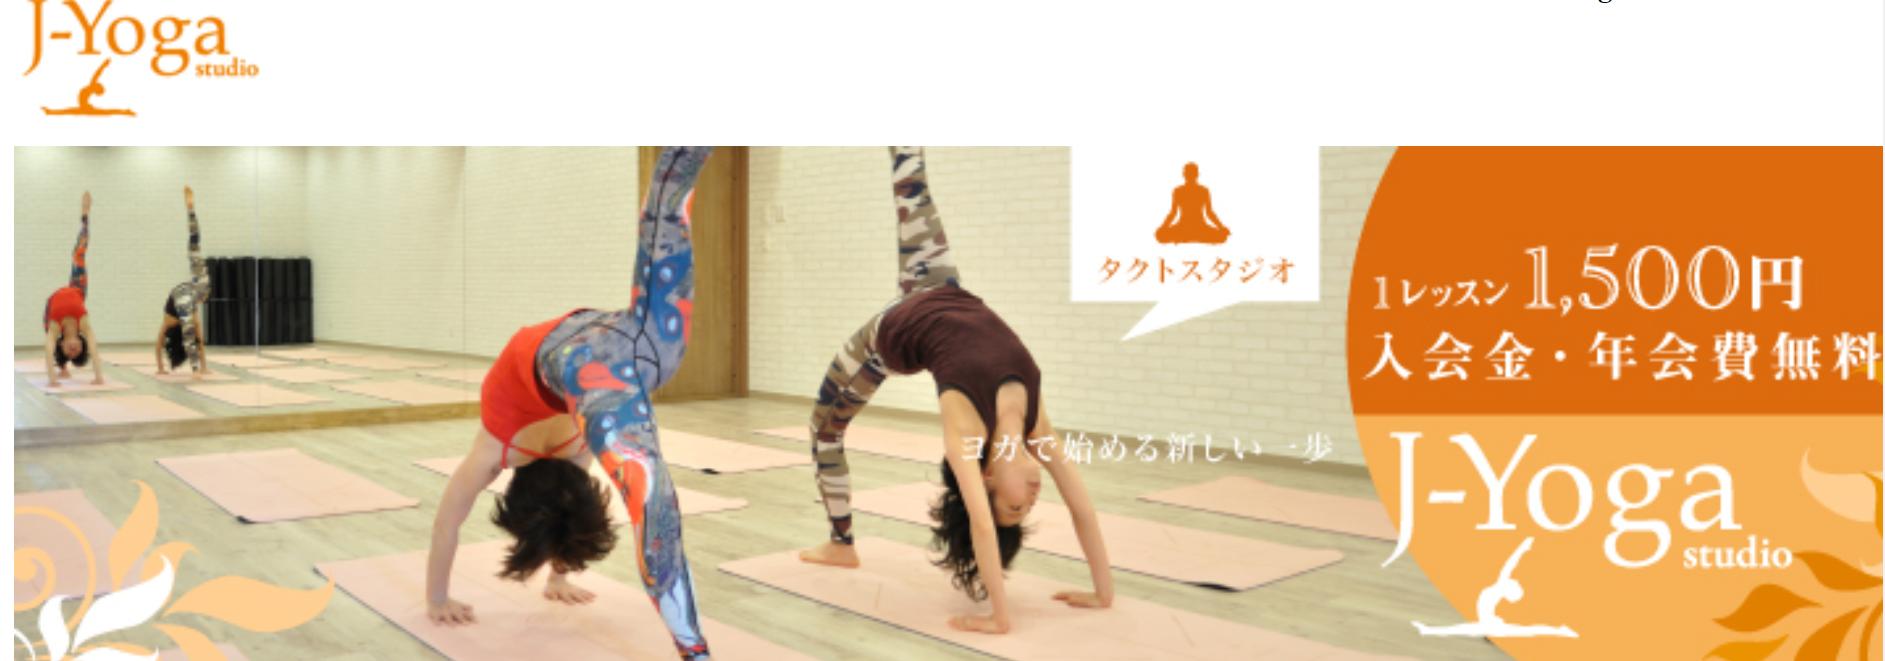 J-Yoga studio ジェイ・ヨガスタジオでヨガポーズをする女性2人